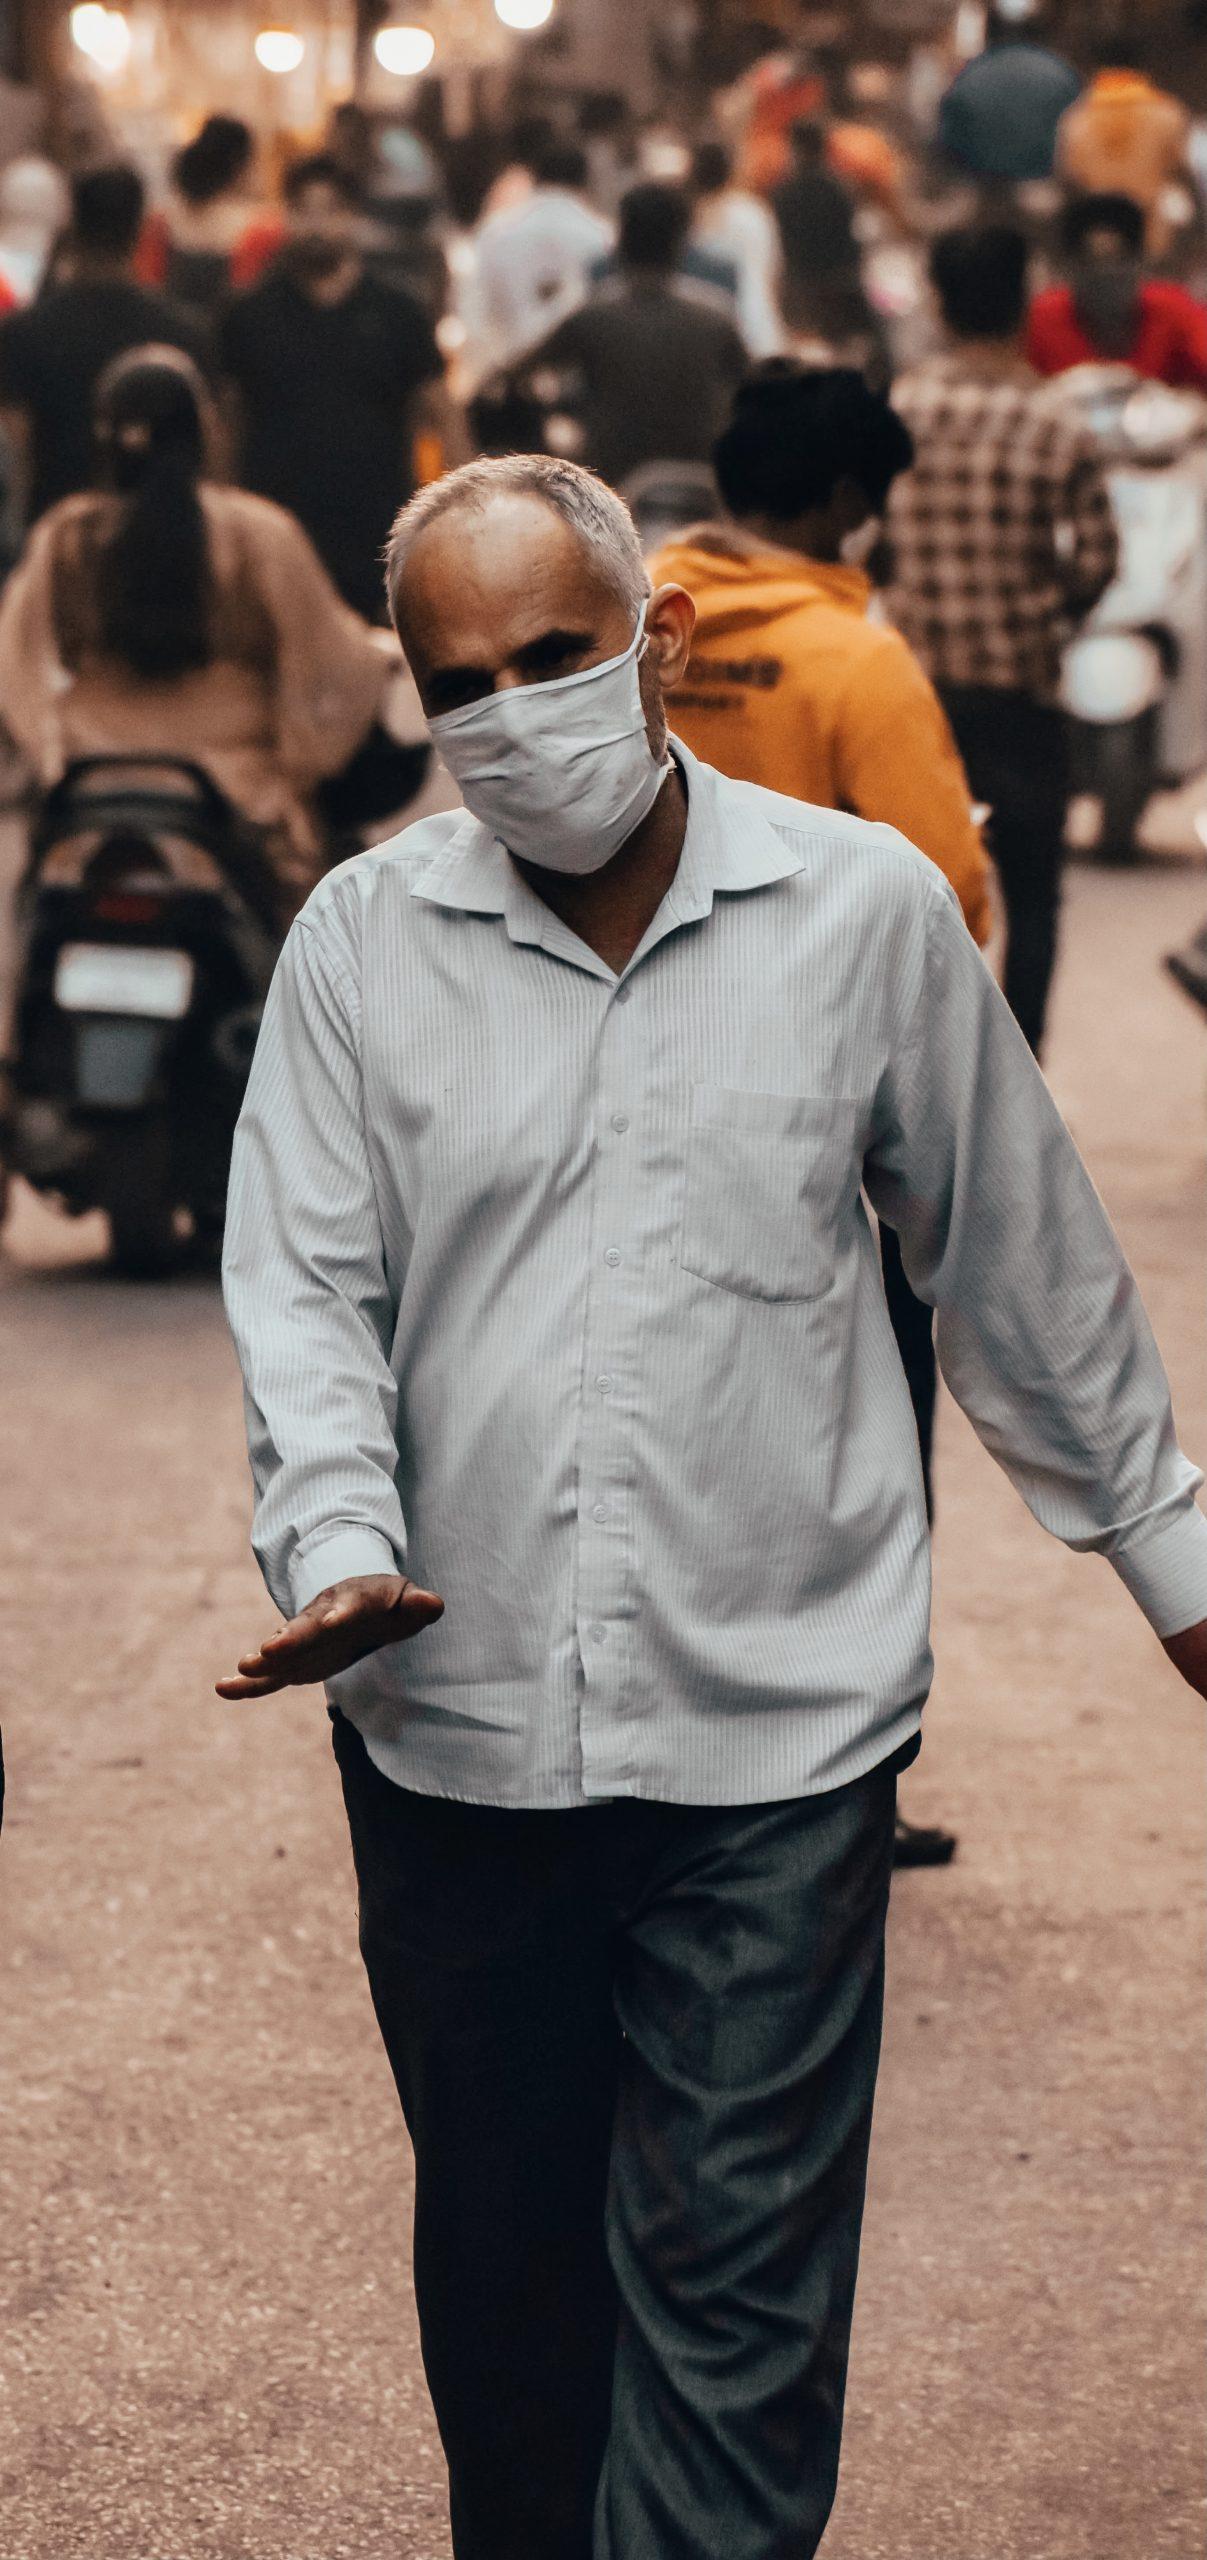 An old man walking in a street